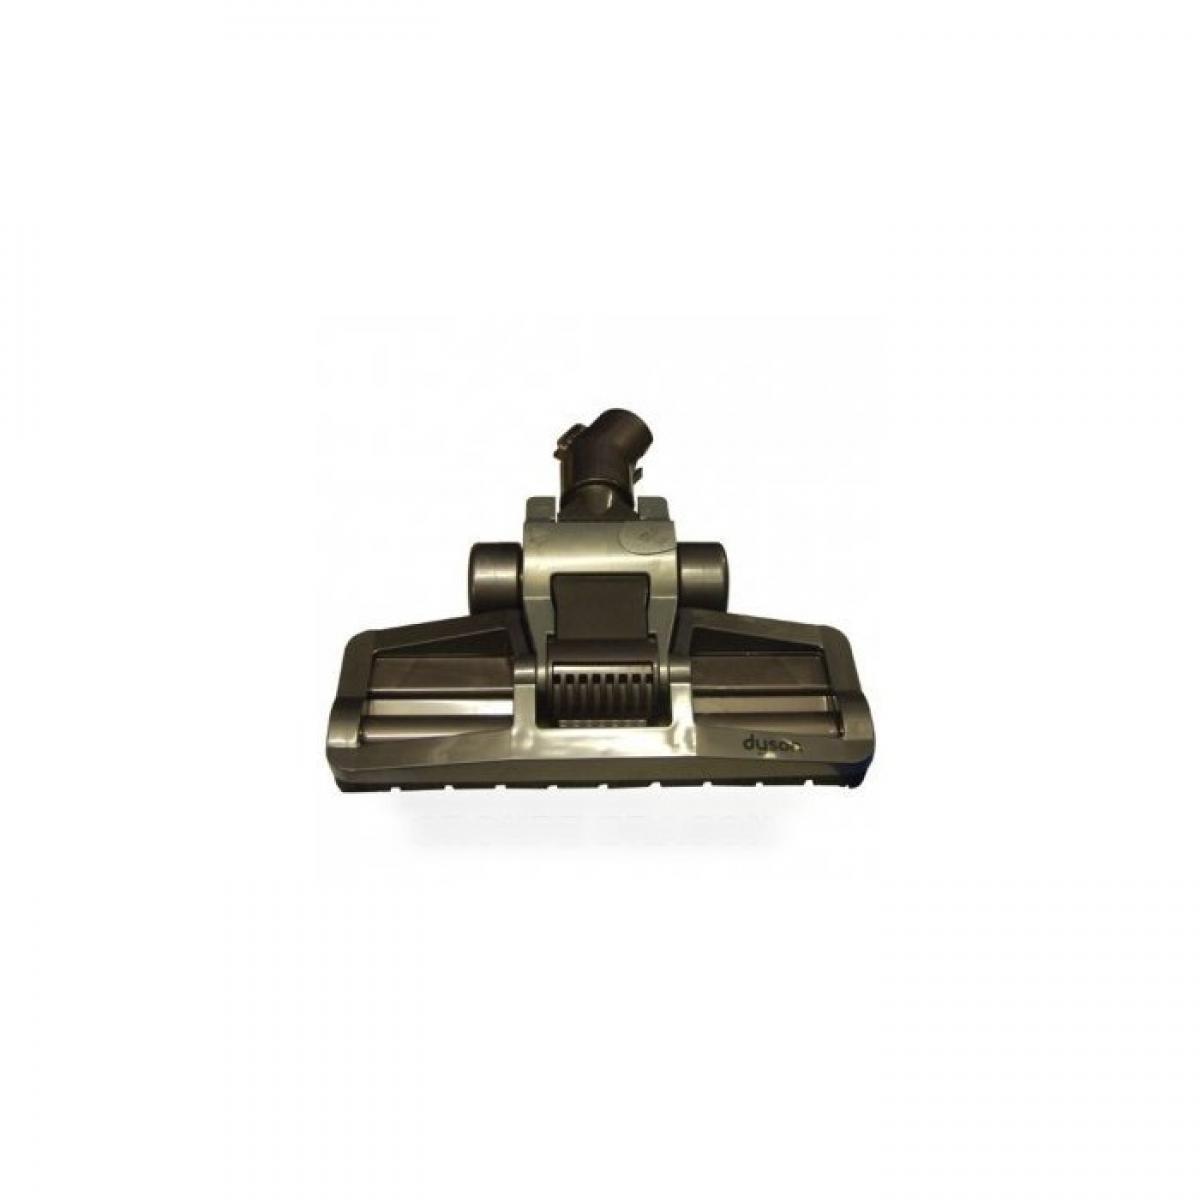 Dyson Brosse sol dur articulée iron/tit pour aspirateur dyson dc29, dc32, dc23t2